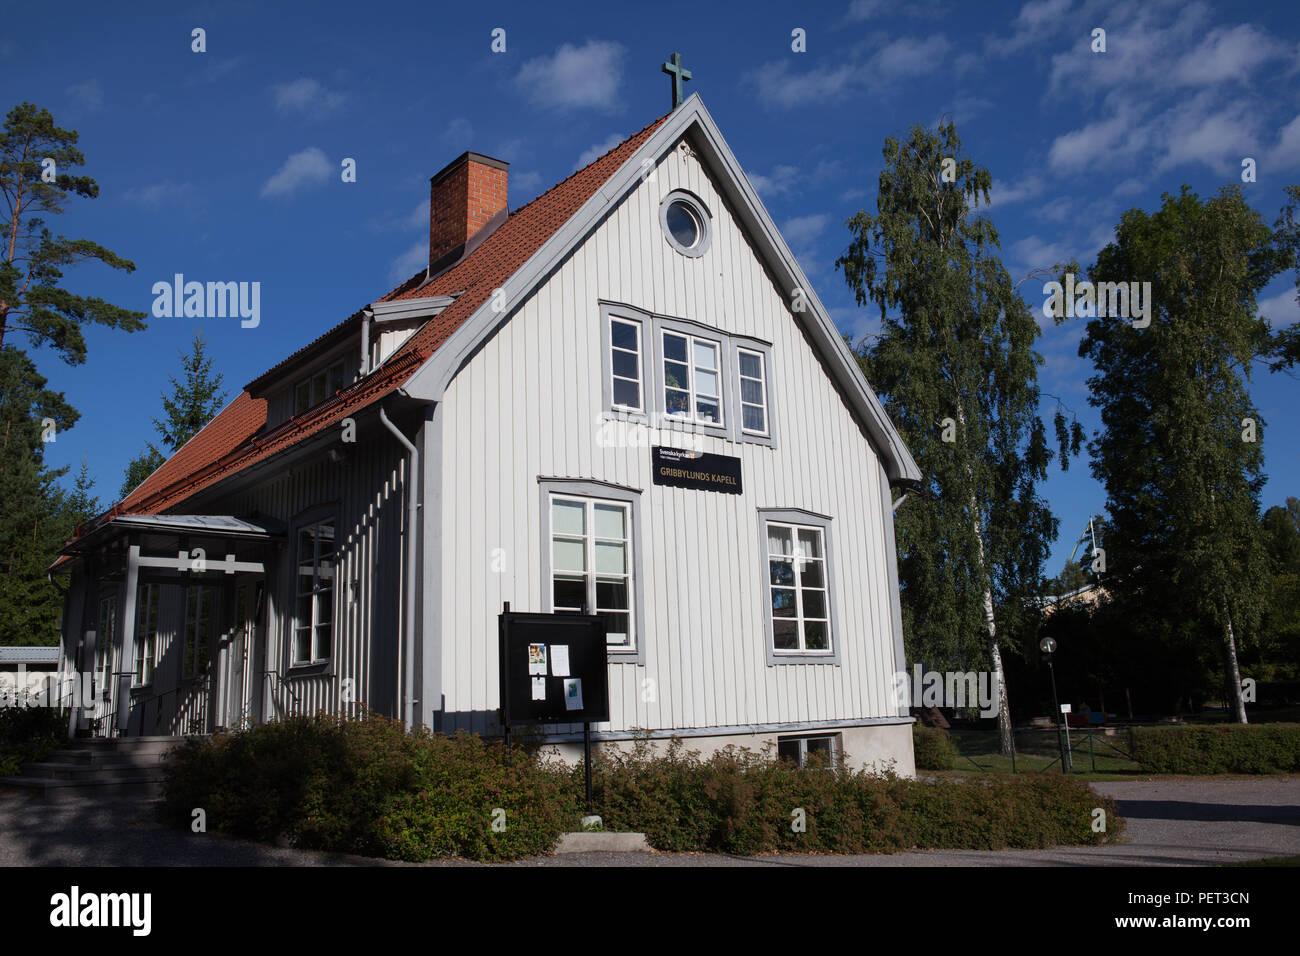 Gribbylunds kapell, chapel, Täby (Sweden) - Stock Image